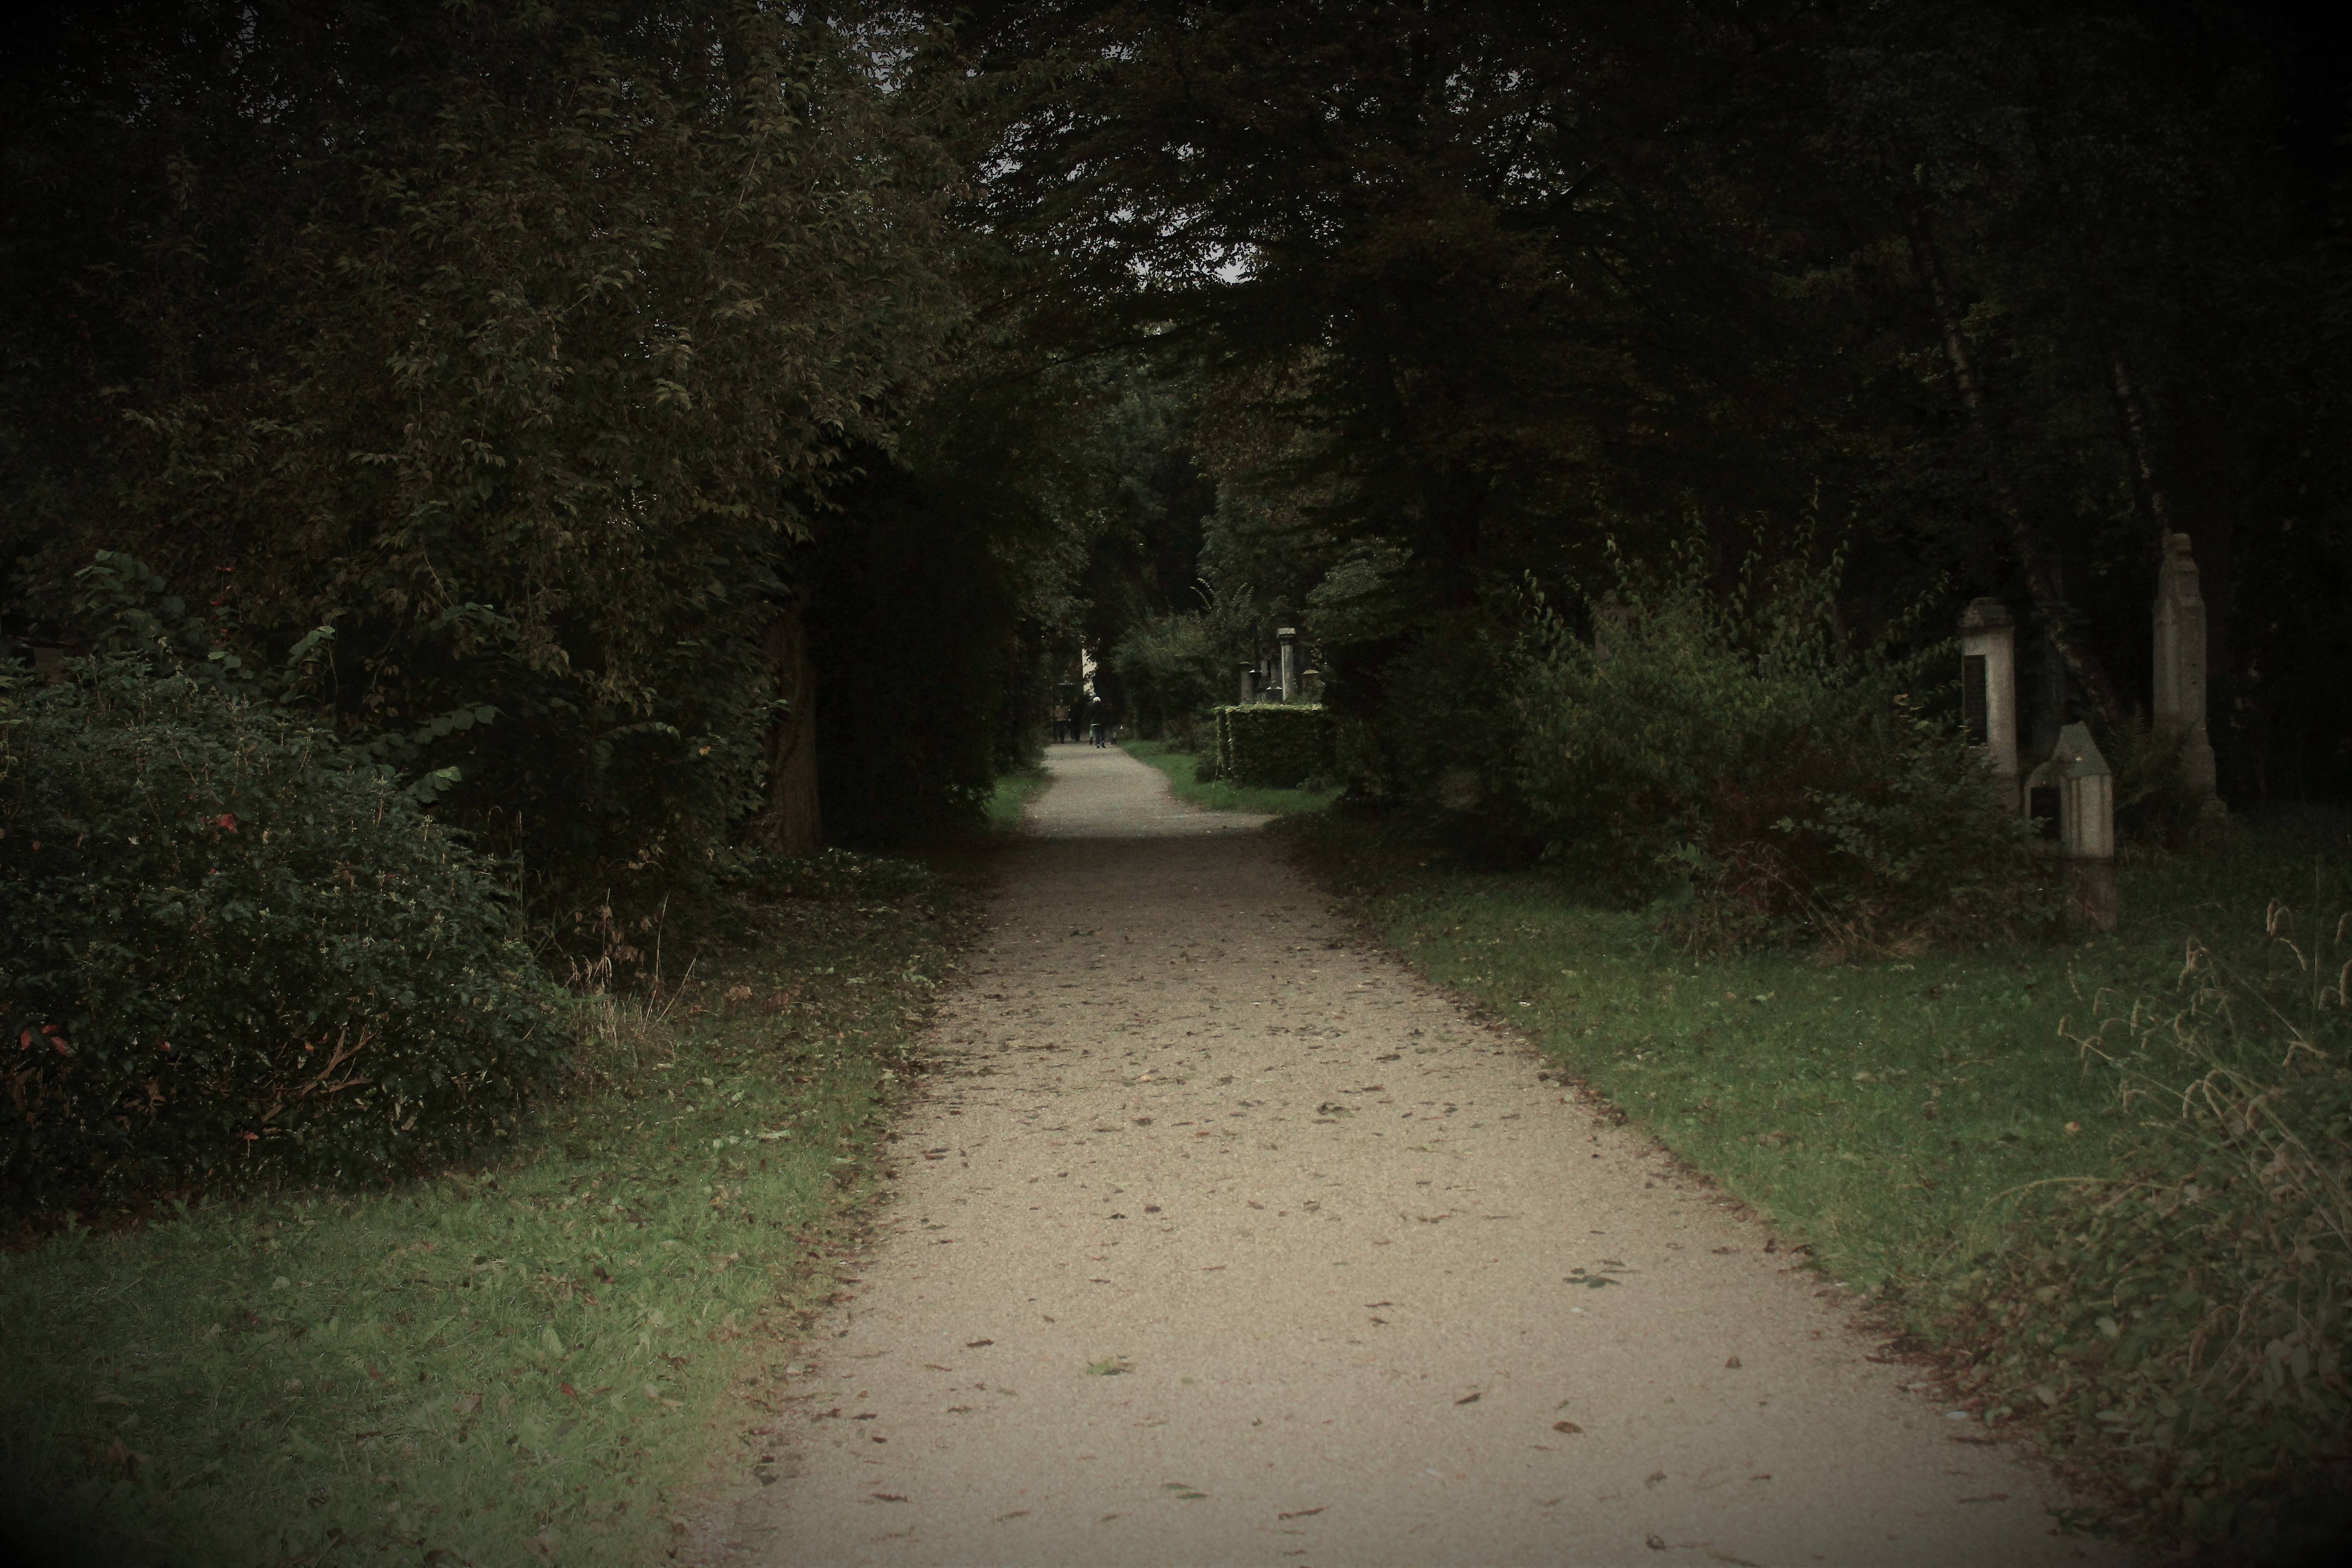 Seit dem 31. Dezember 1943 ist der Alte Südliche Friedhof ein aufgelassener Friedhof, das heißt, er ist zwar für Bestattungen gesperrt, untersteht jedoch den Städtischen Friedhöfen München und ist damit weiterhin Friedhof und kein Park.